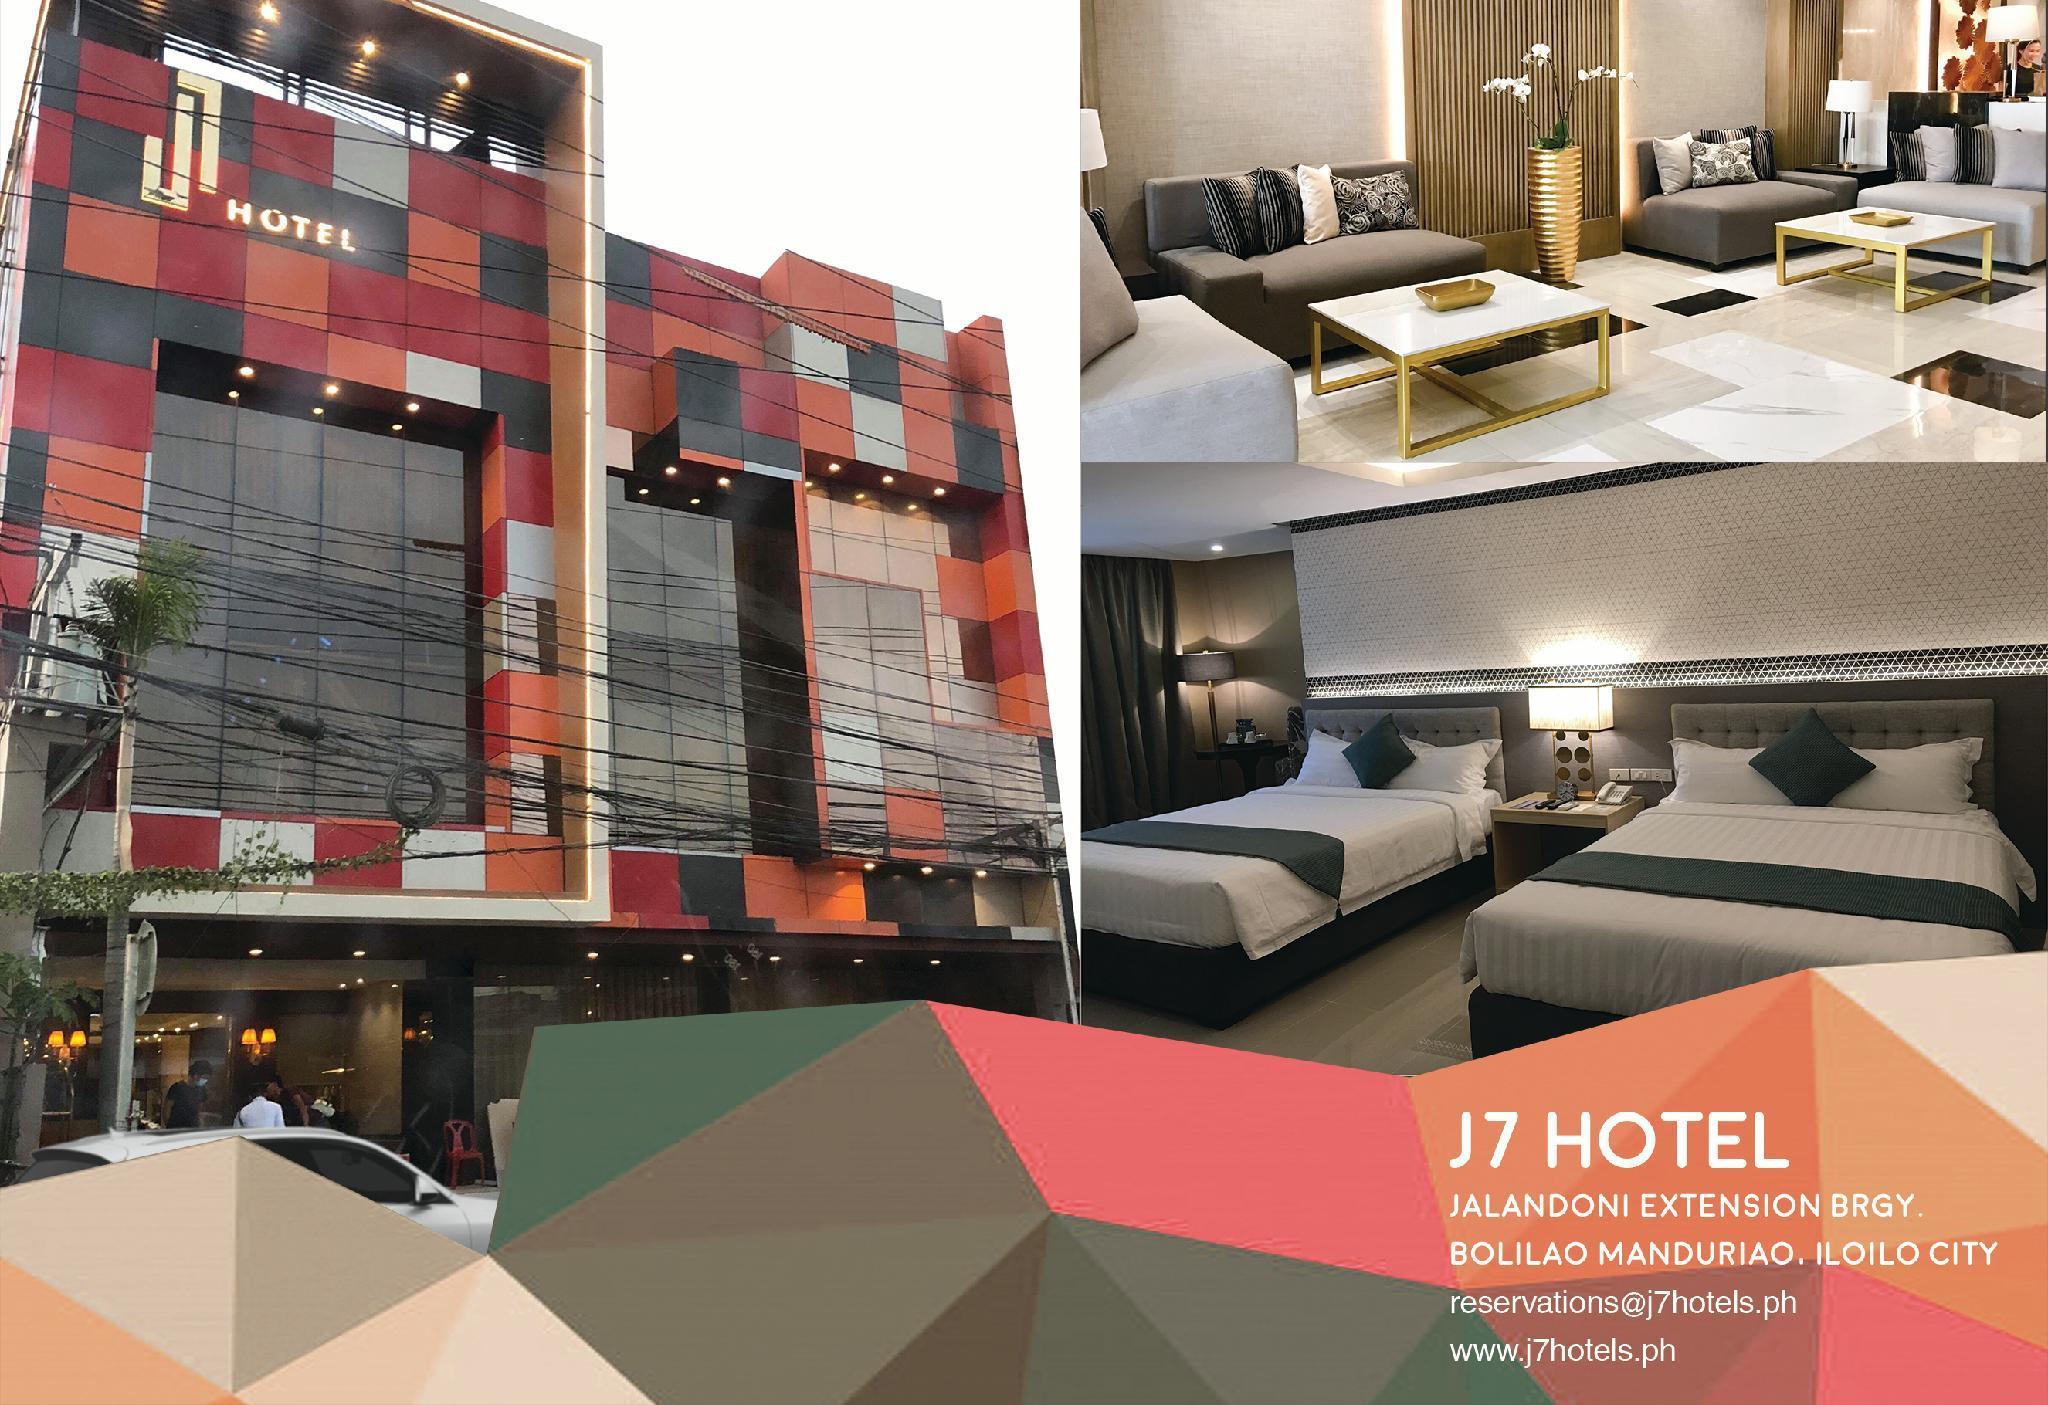 J7 HOTEL, Iloilo City